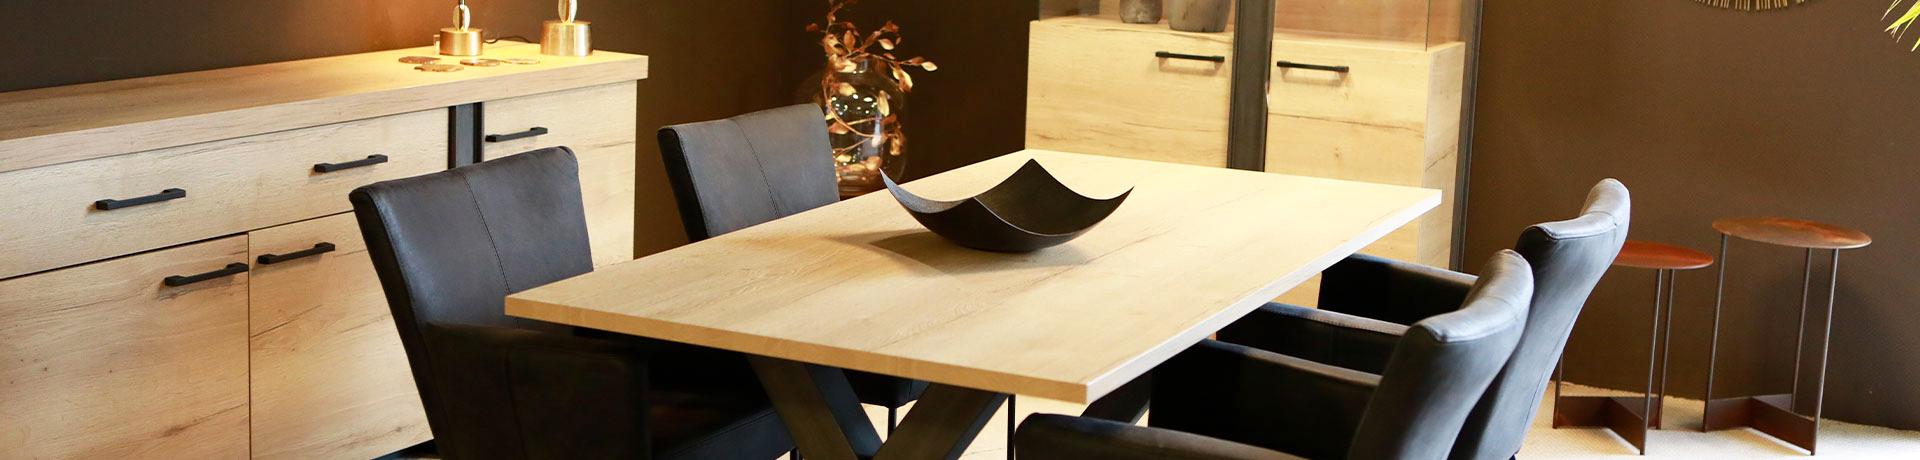 Essbereich mit Sideboard, Kommode und Esstisch aus hellem Holz mit bequemen Stühlen mit dunklem Bezug und farblich passender Schale als Deko auf dem Tisch.